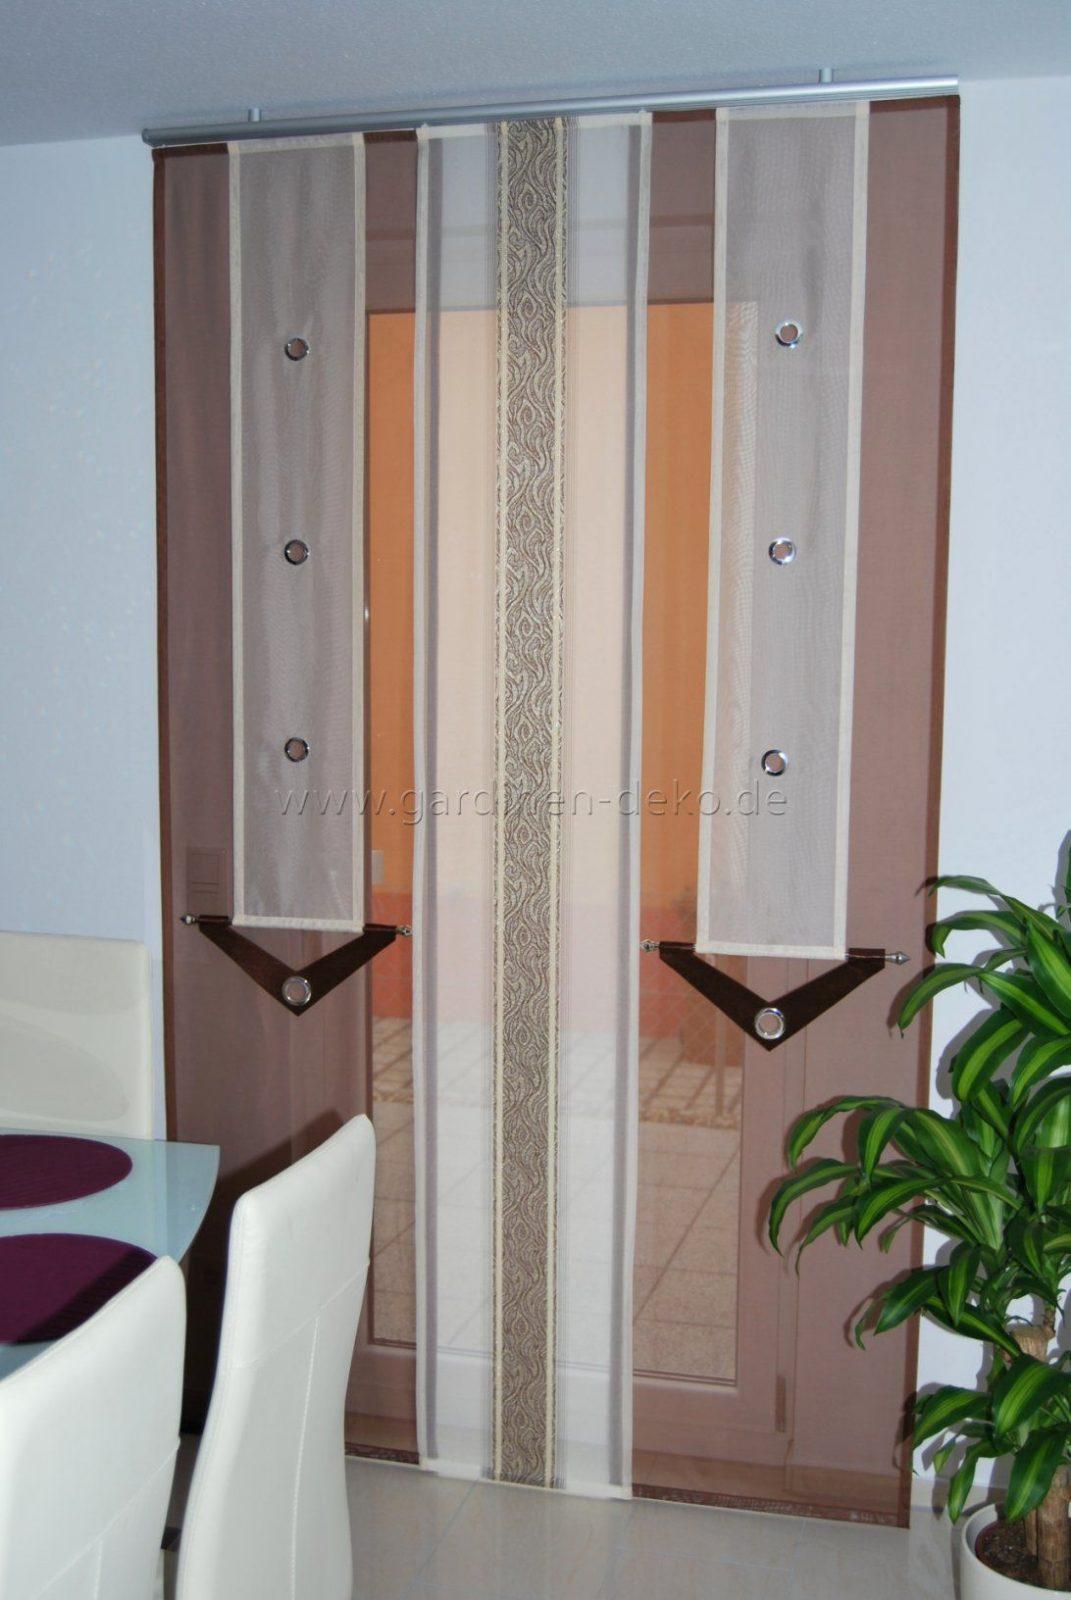 Bindegardine Best Of Schiebegardinen 30 Cm Breit  Hausplan von Schiebevorhang 30 Cm Breit Bild